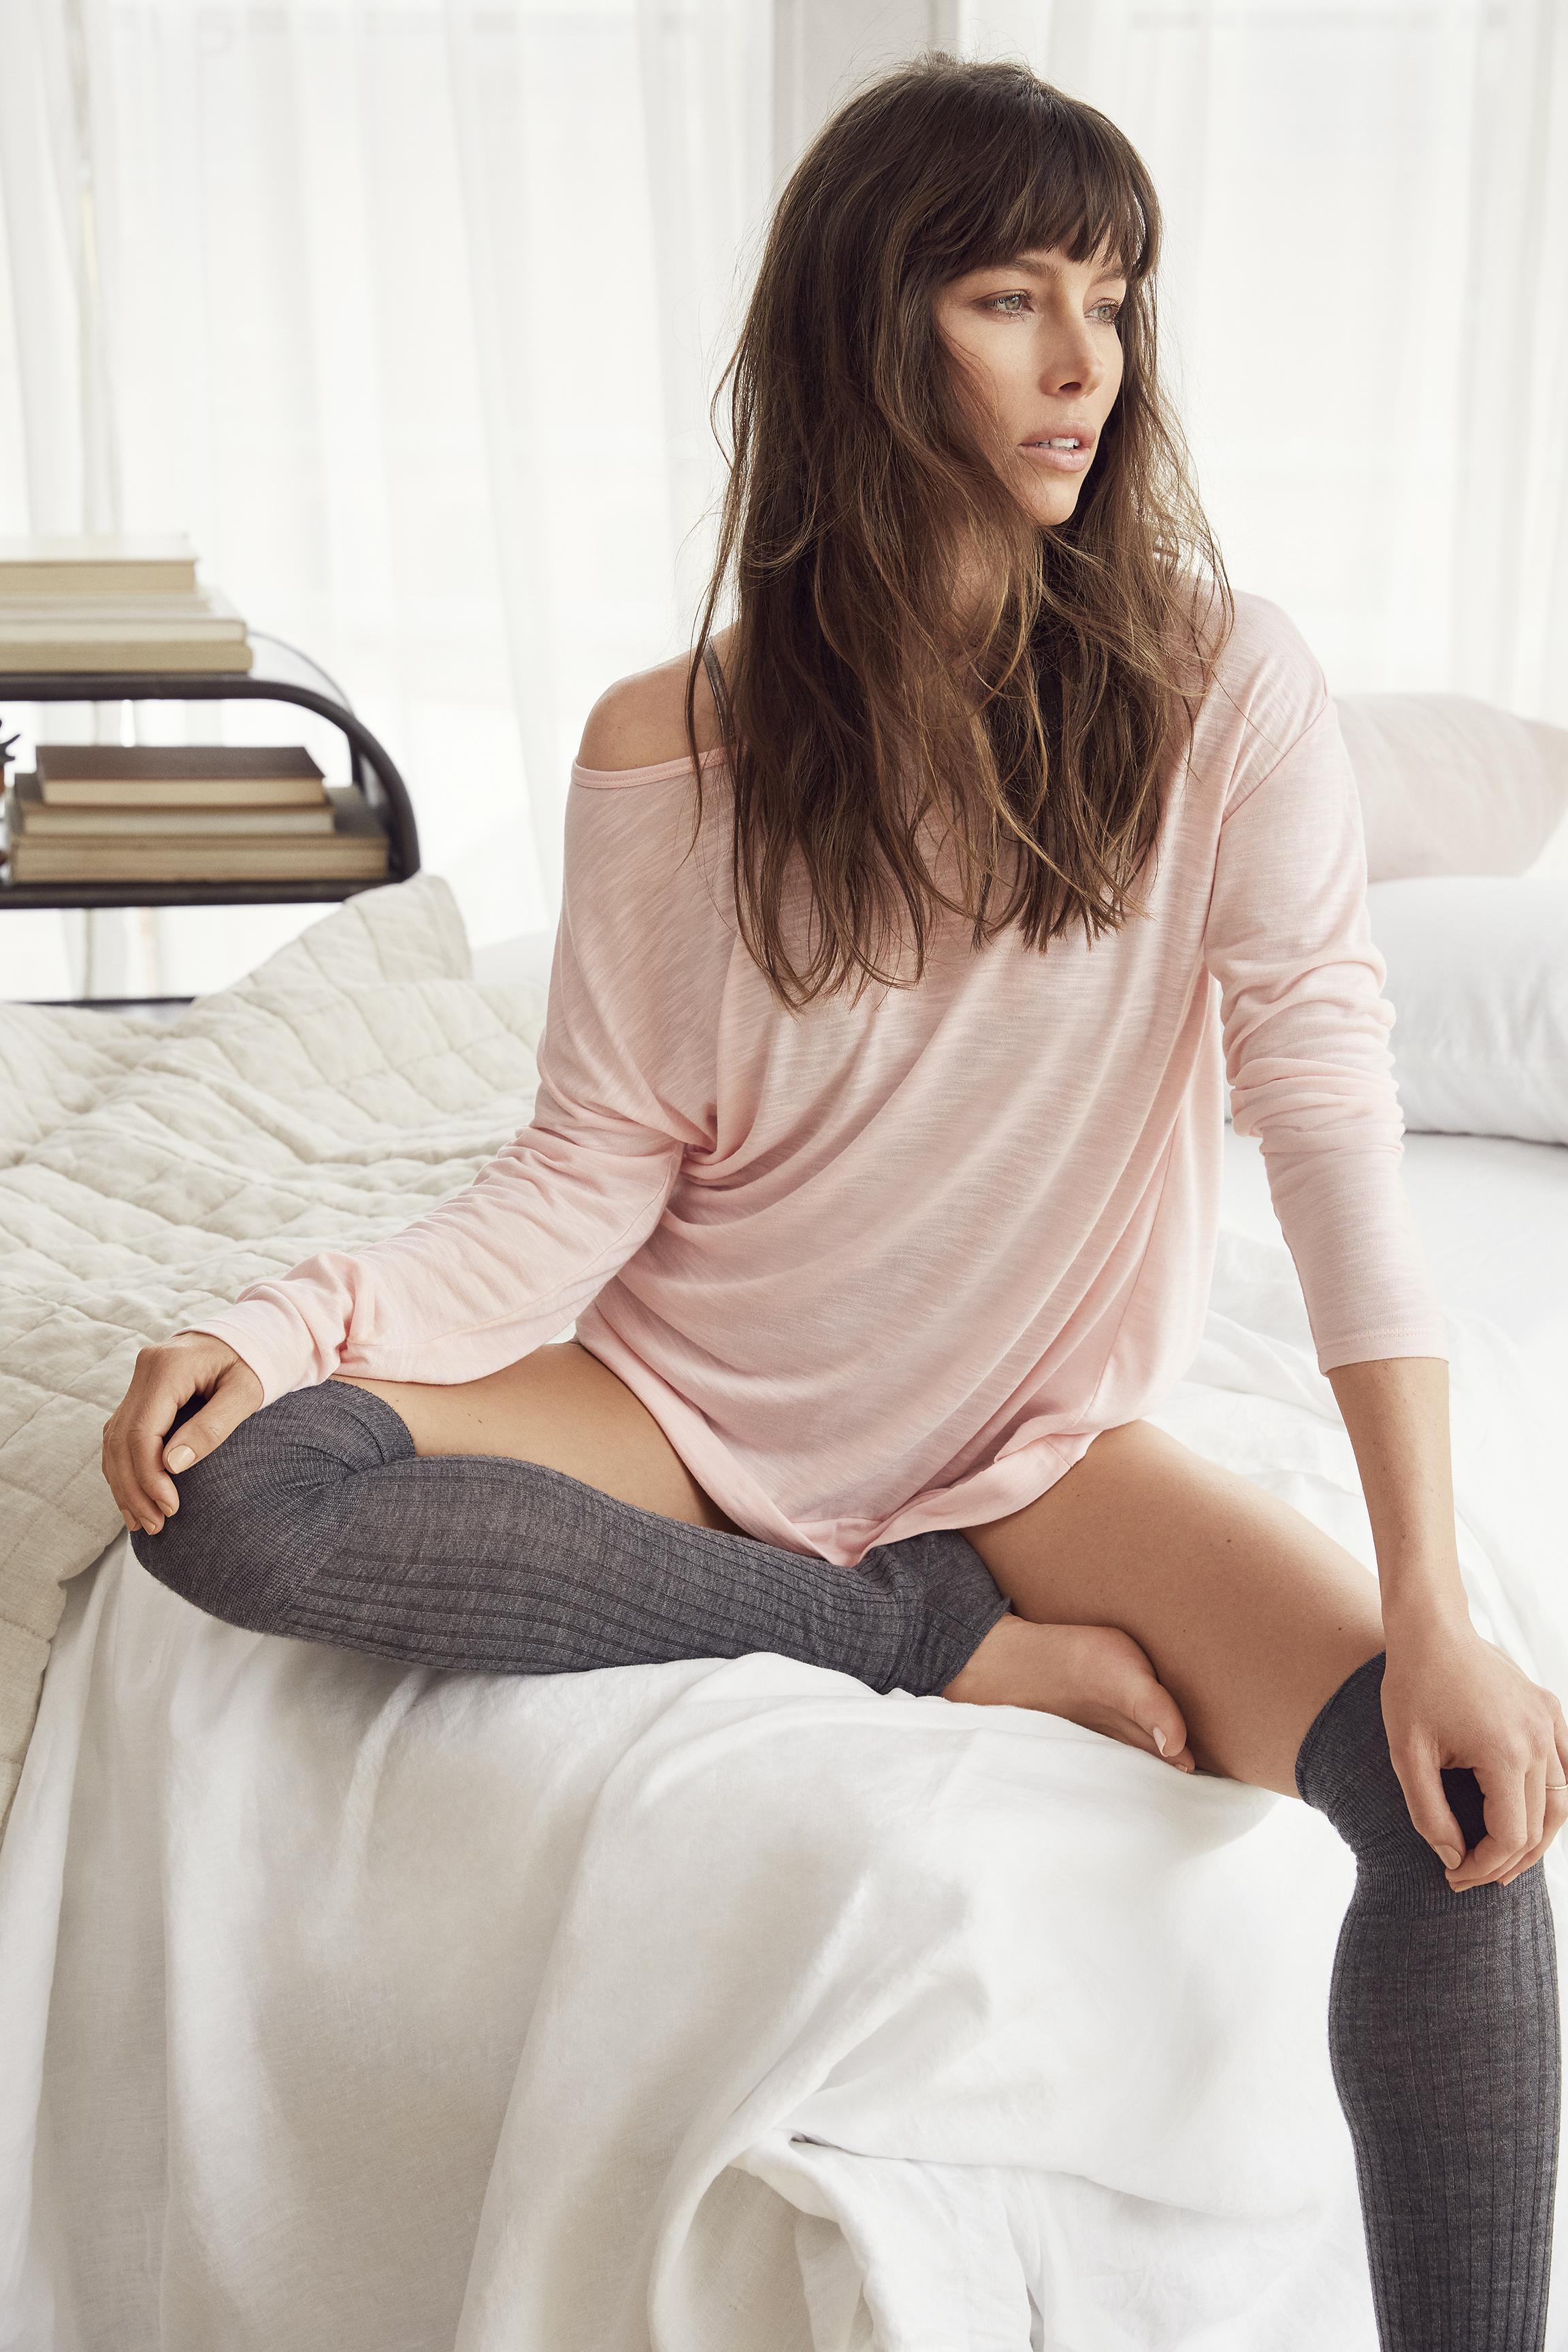 Jessica Biel's Feet Jessica Biel